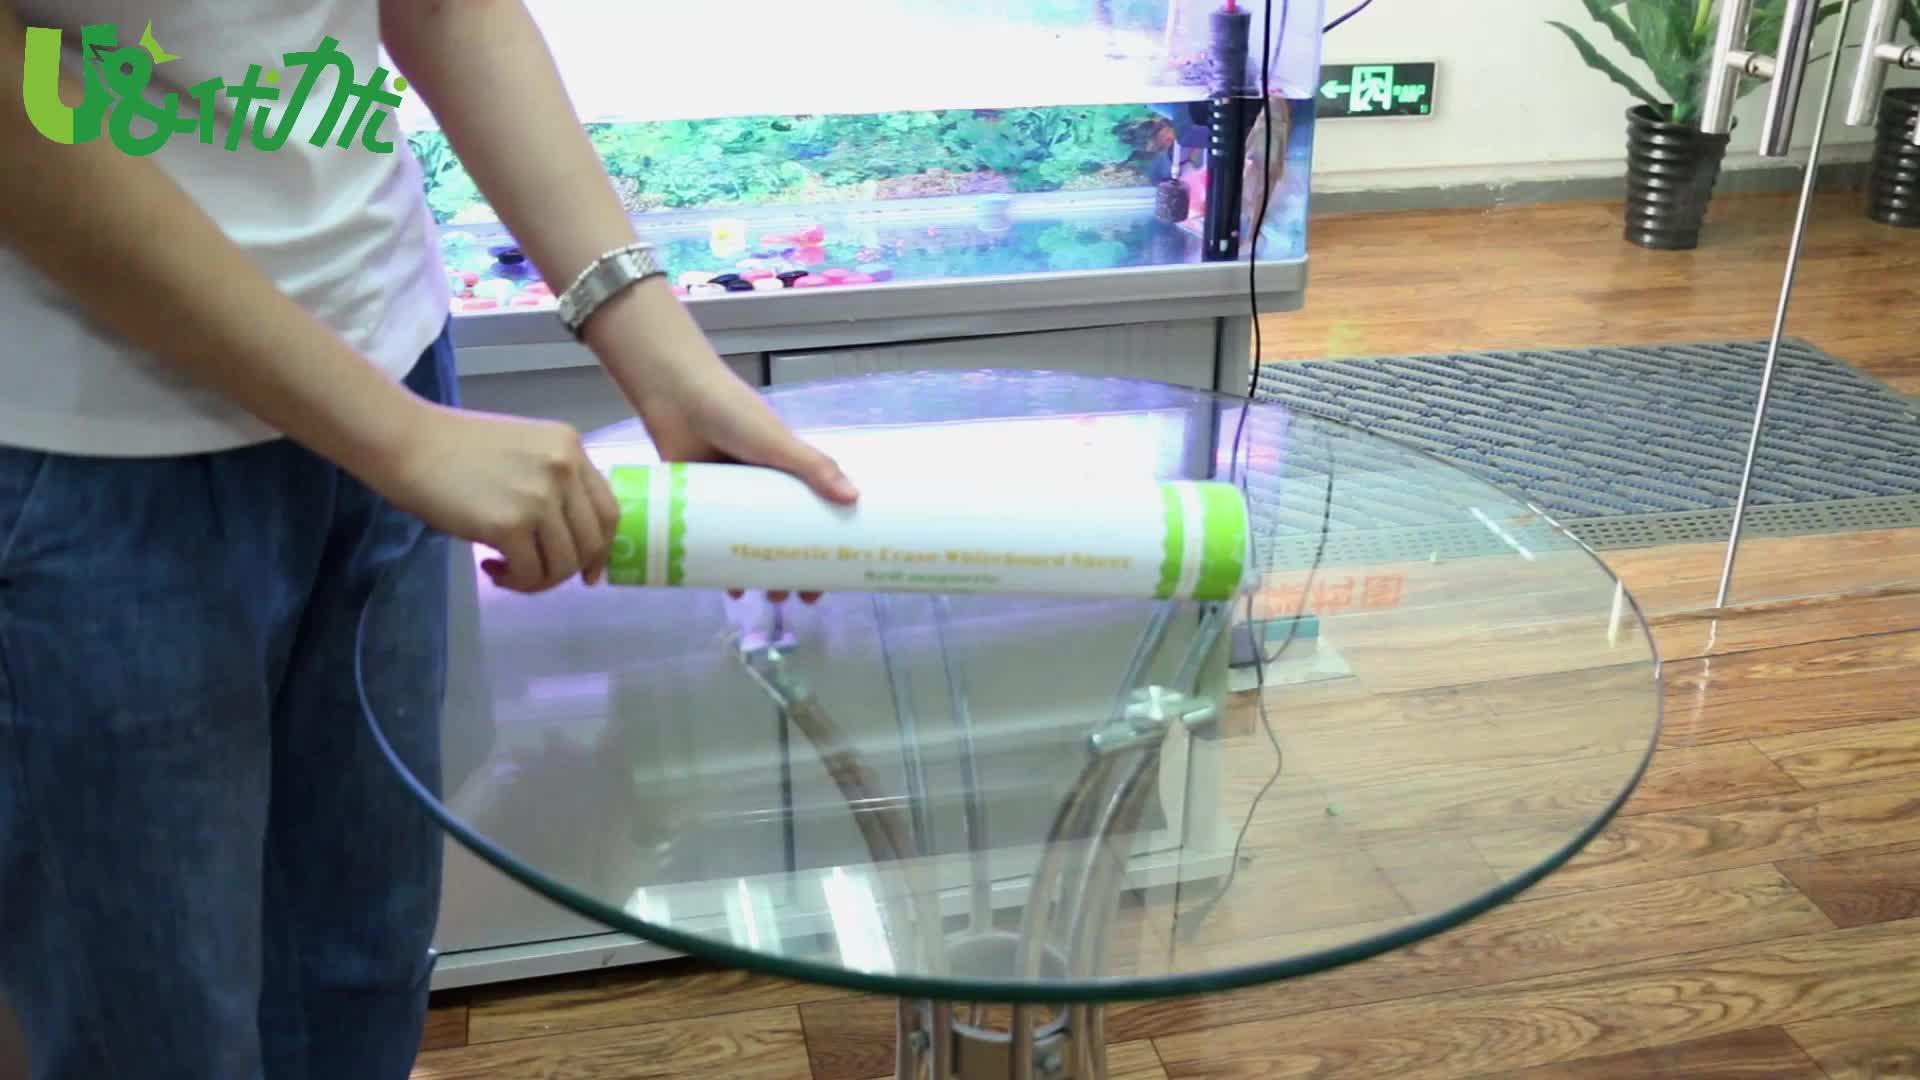 Zachte magnetische whiteboard lakens droge wissen boord voor keuken